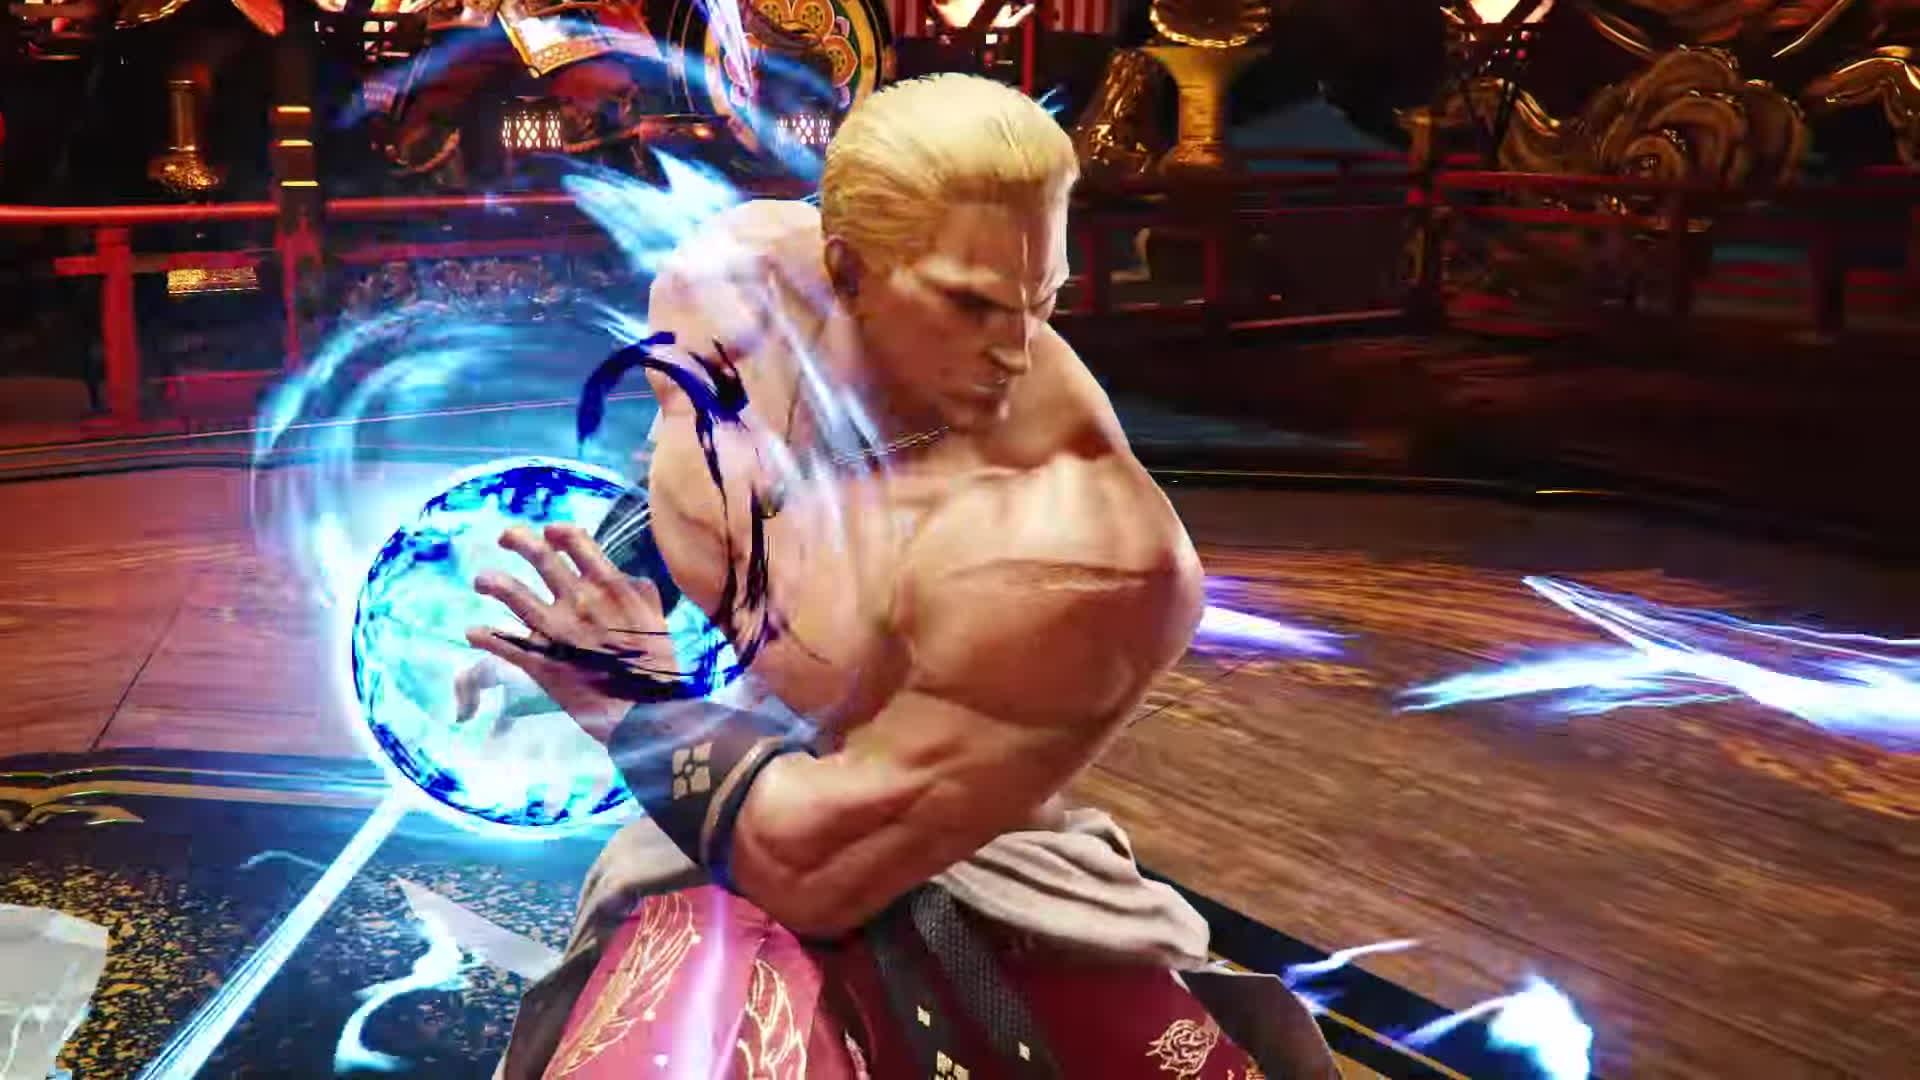 Tekken 7 Geese Howard Reveal Trailer Ps4 Xb1 Pc Gif Gfycat